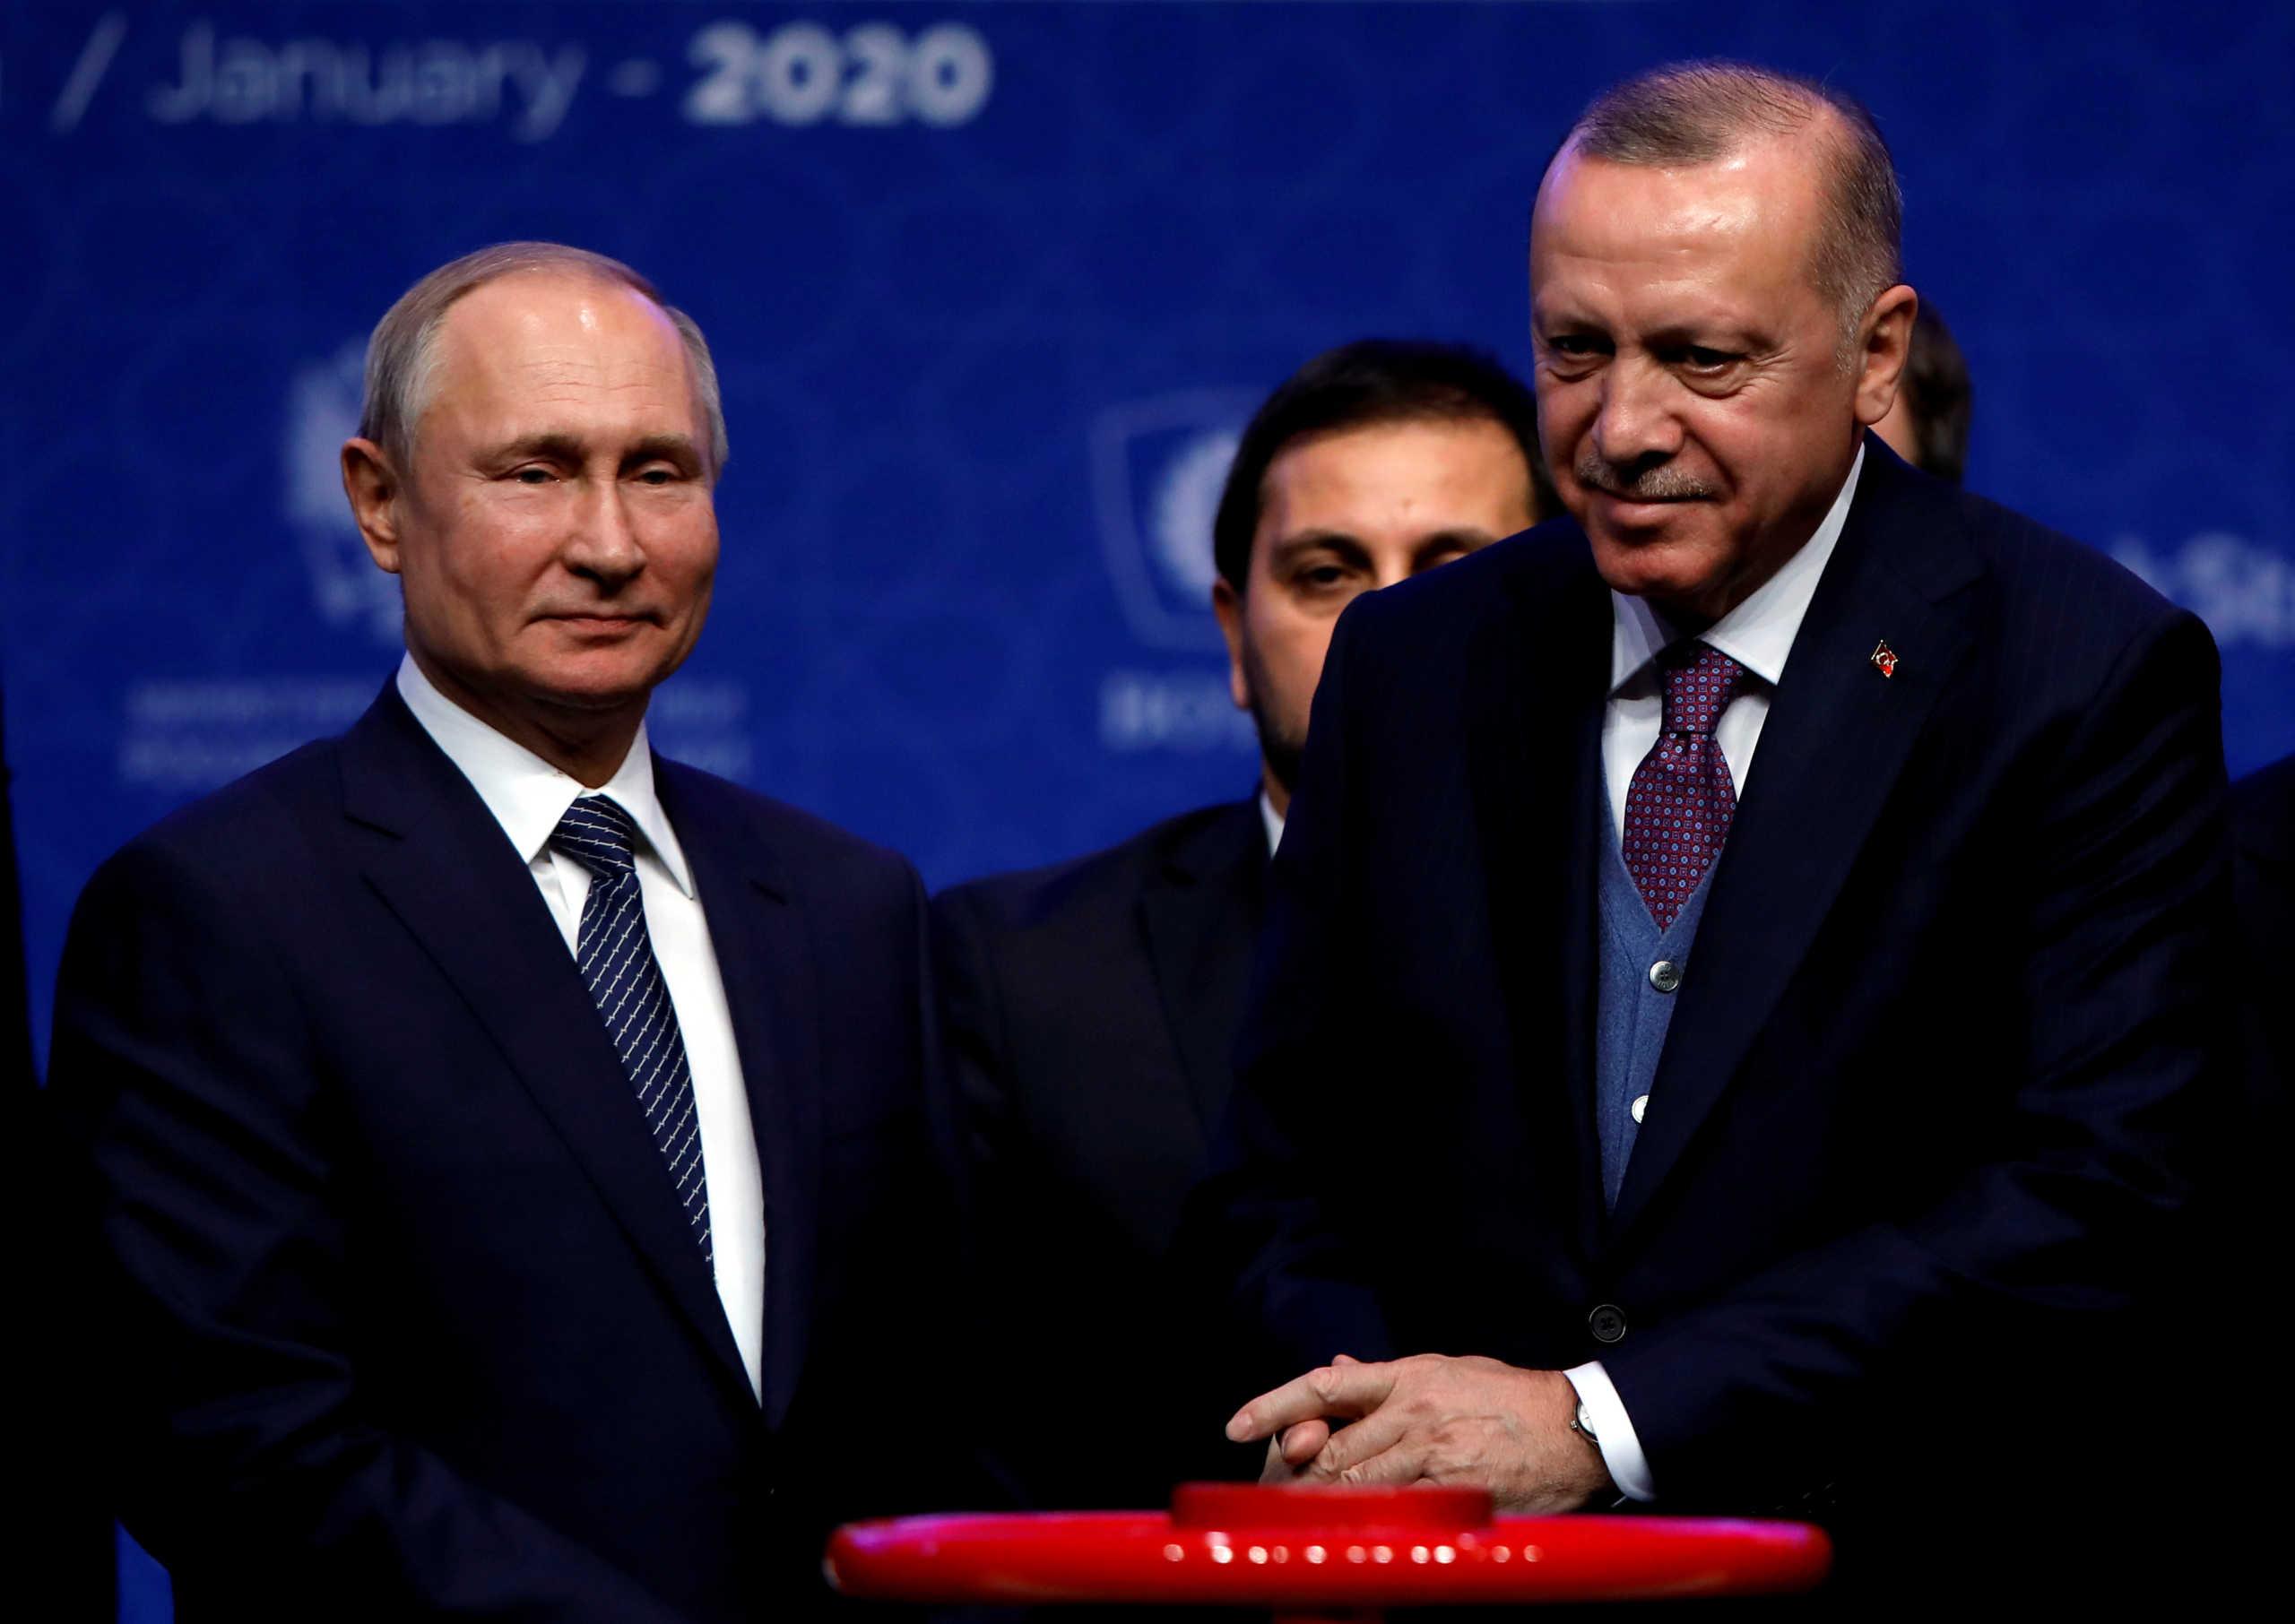 Συνάντηση Πούτιν με Ερντογάν για τη Συρία! Στόχος η εκεχειρία στο Ιντλίμπ